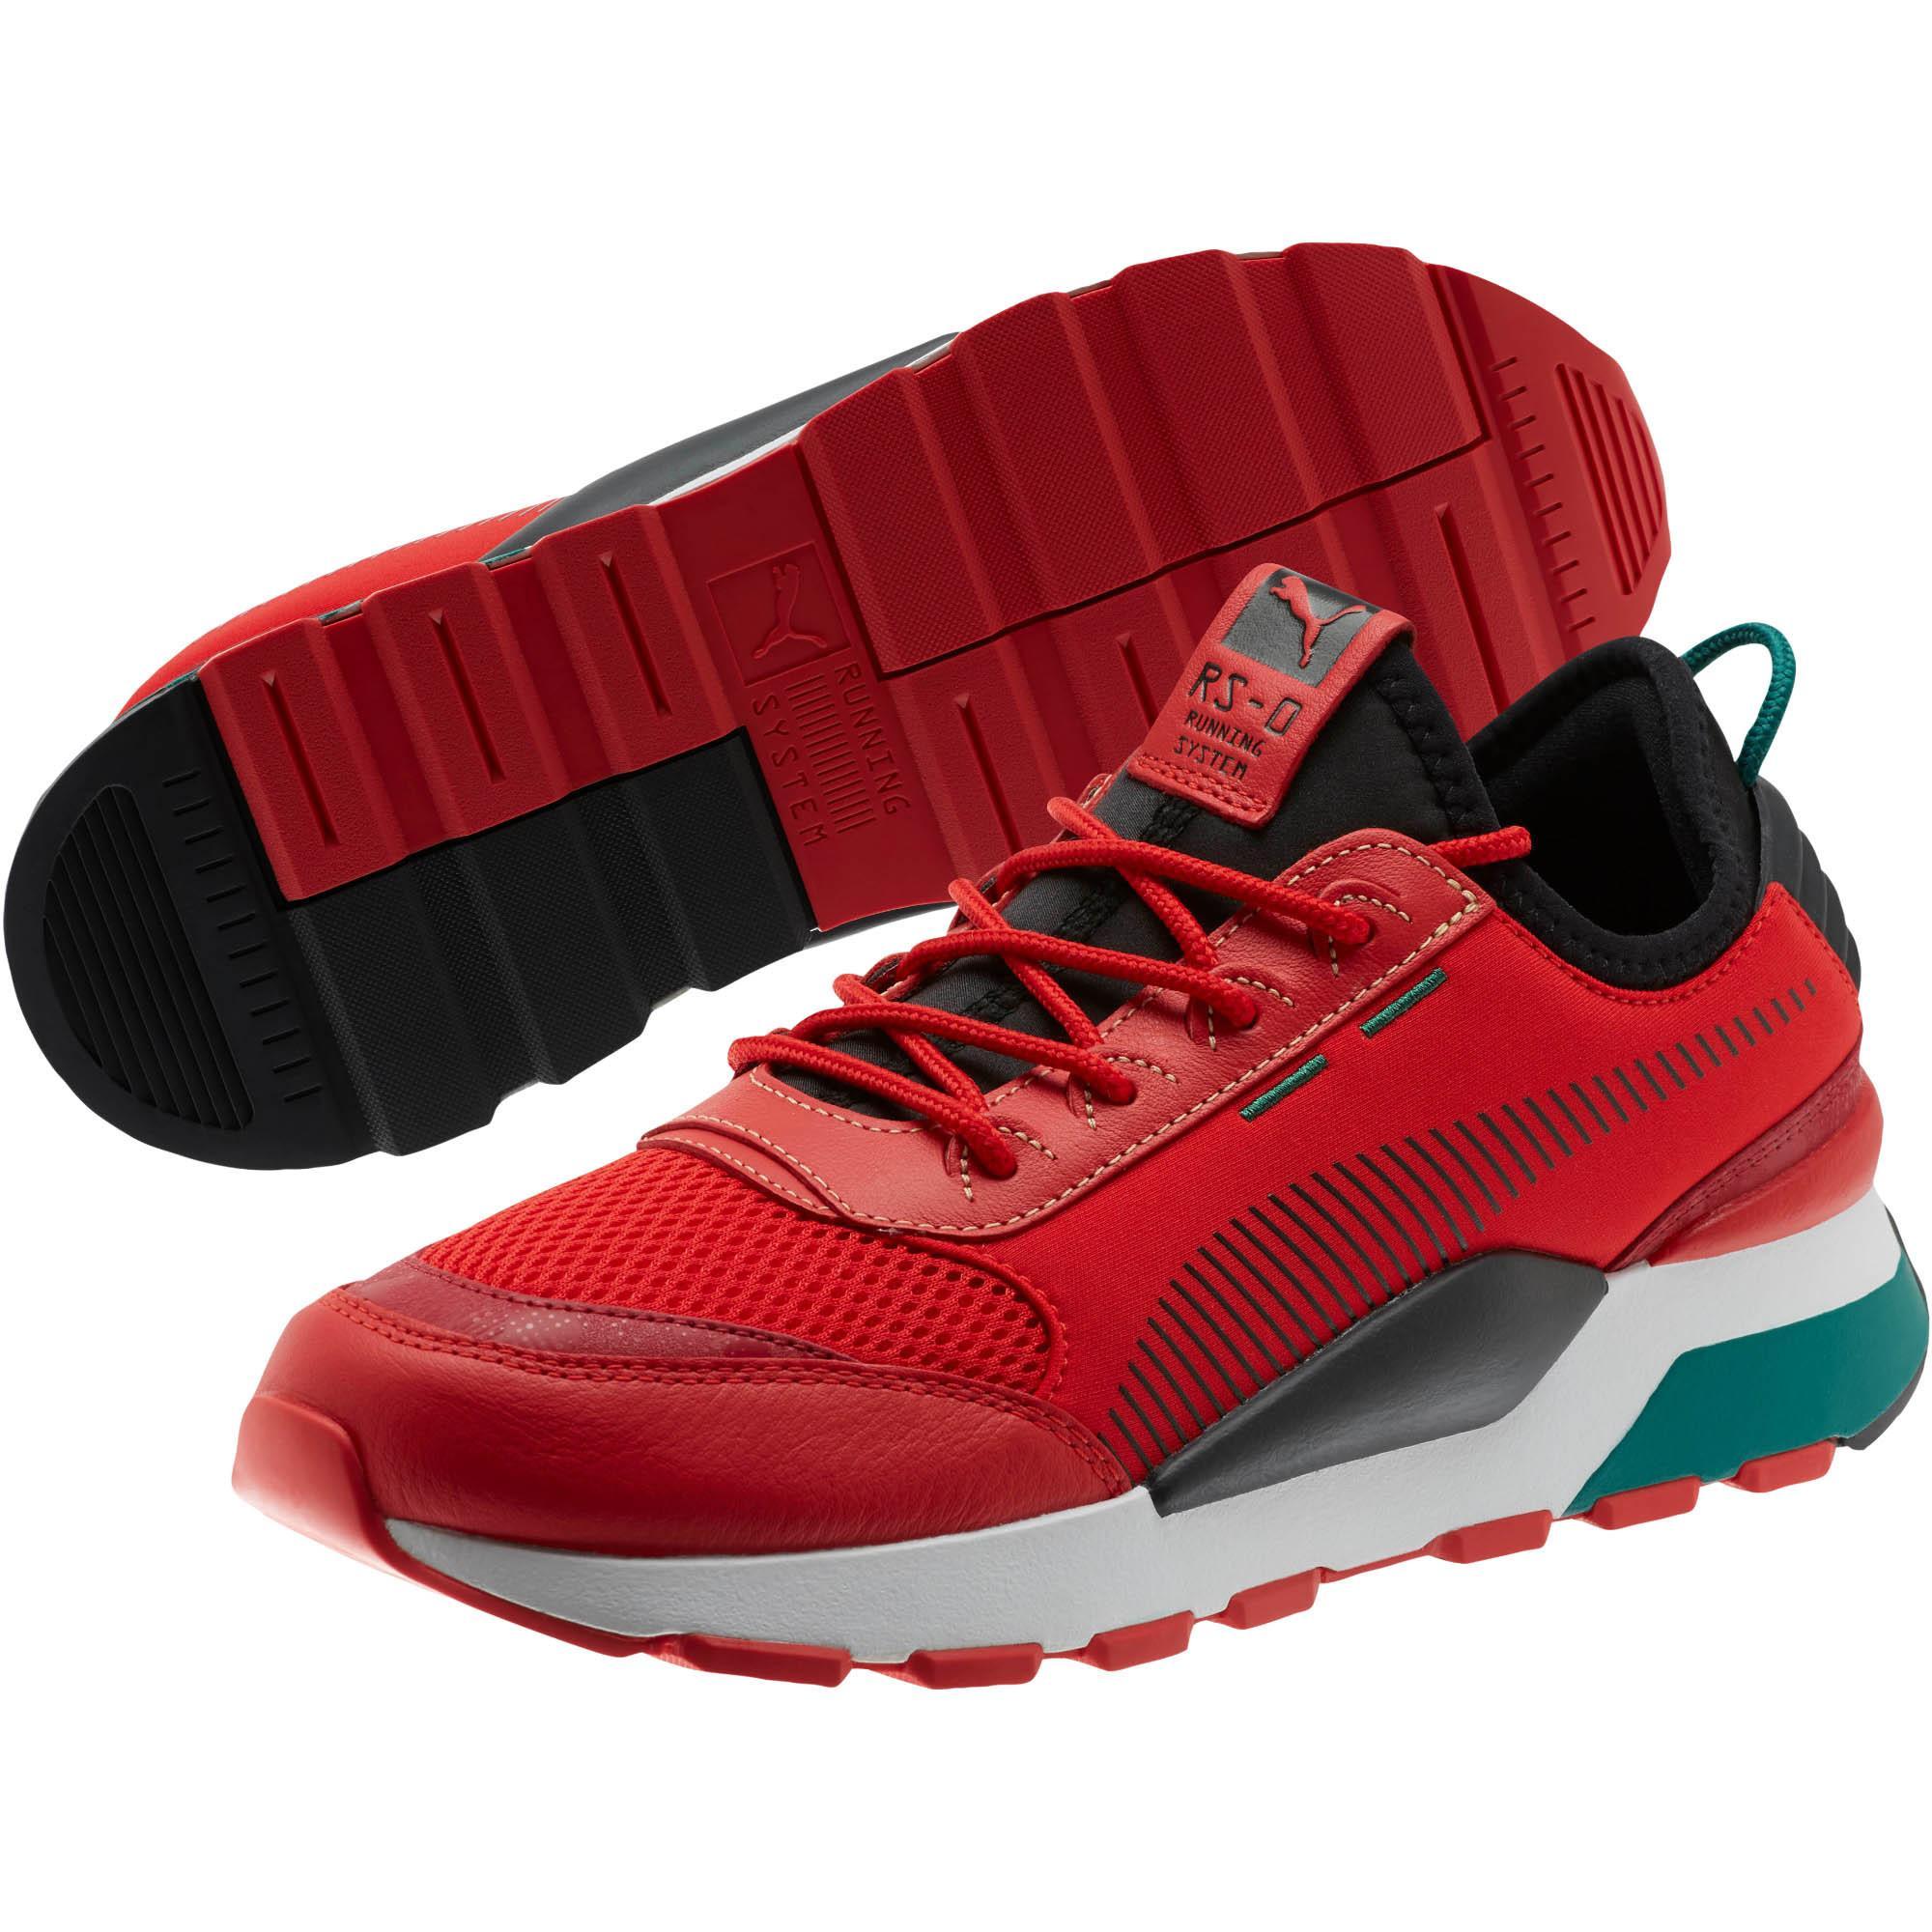 85304ab06fb ... Rs-0 Rm Sneakers for Men - Lyst. View fullscreen